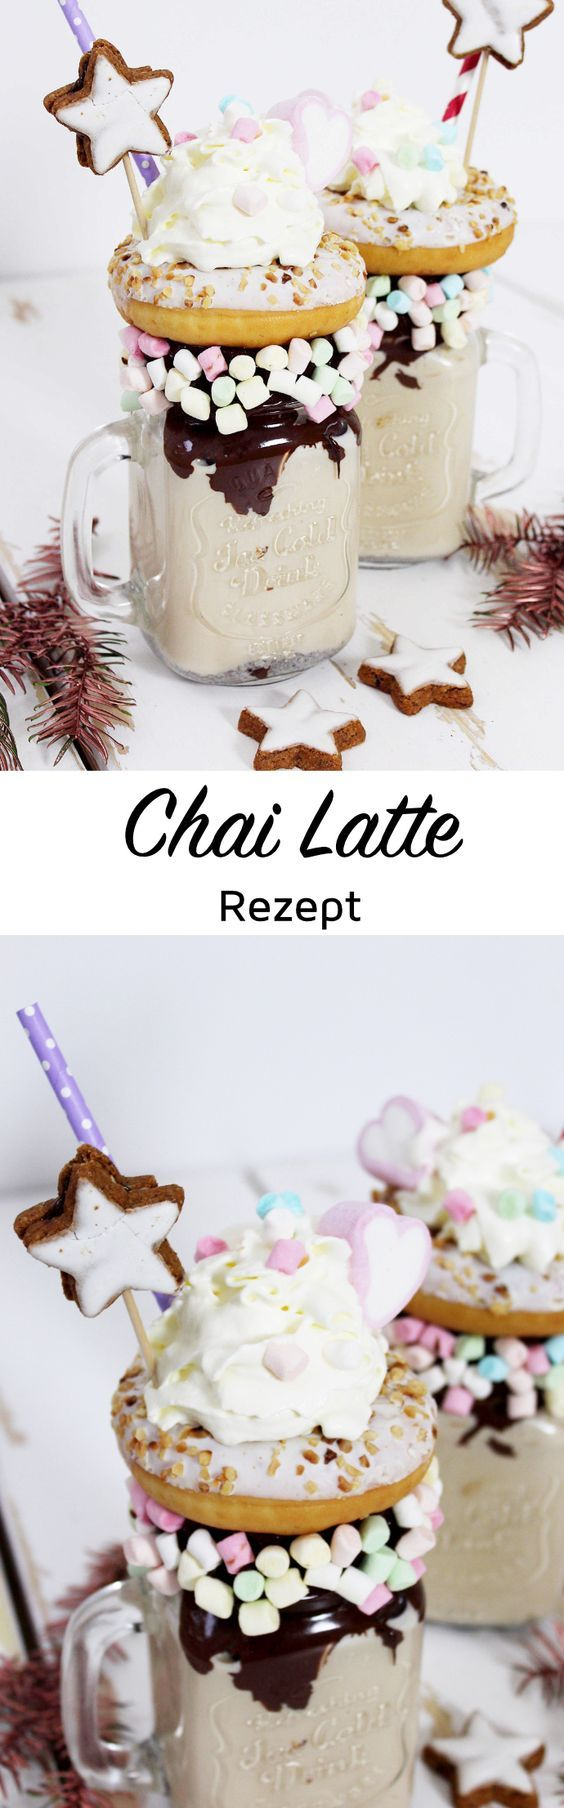 Chai Latte Rezept für weihnachtliche Freakshakes  Perfekt, um den trüben November mit winterlichen Chai Latte Freakshakes zu versüßen! Meistens werden Freakshakes ja mit kalten Getränken gemixt, also zB. Eis und Milch. Da mir das aber endgültig zu kalt ist, zeige ich euch heute eine warme Freakshake-Variante, die auf einem Rezept für Chai Tee basiert. Die Shakes schmecken soooo lecker, versprochen! <3